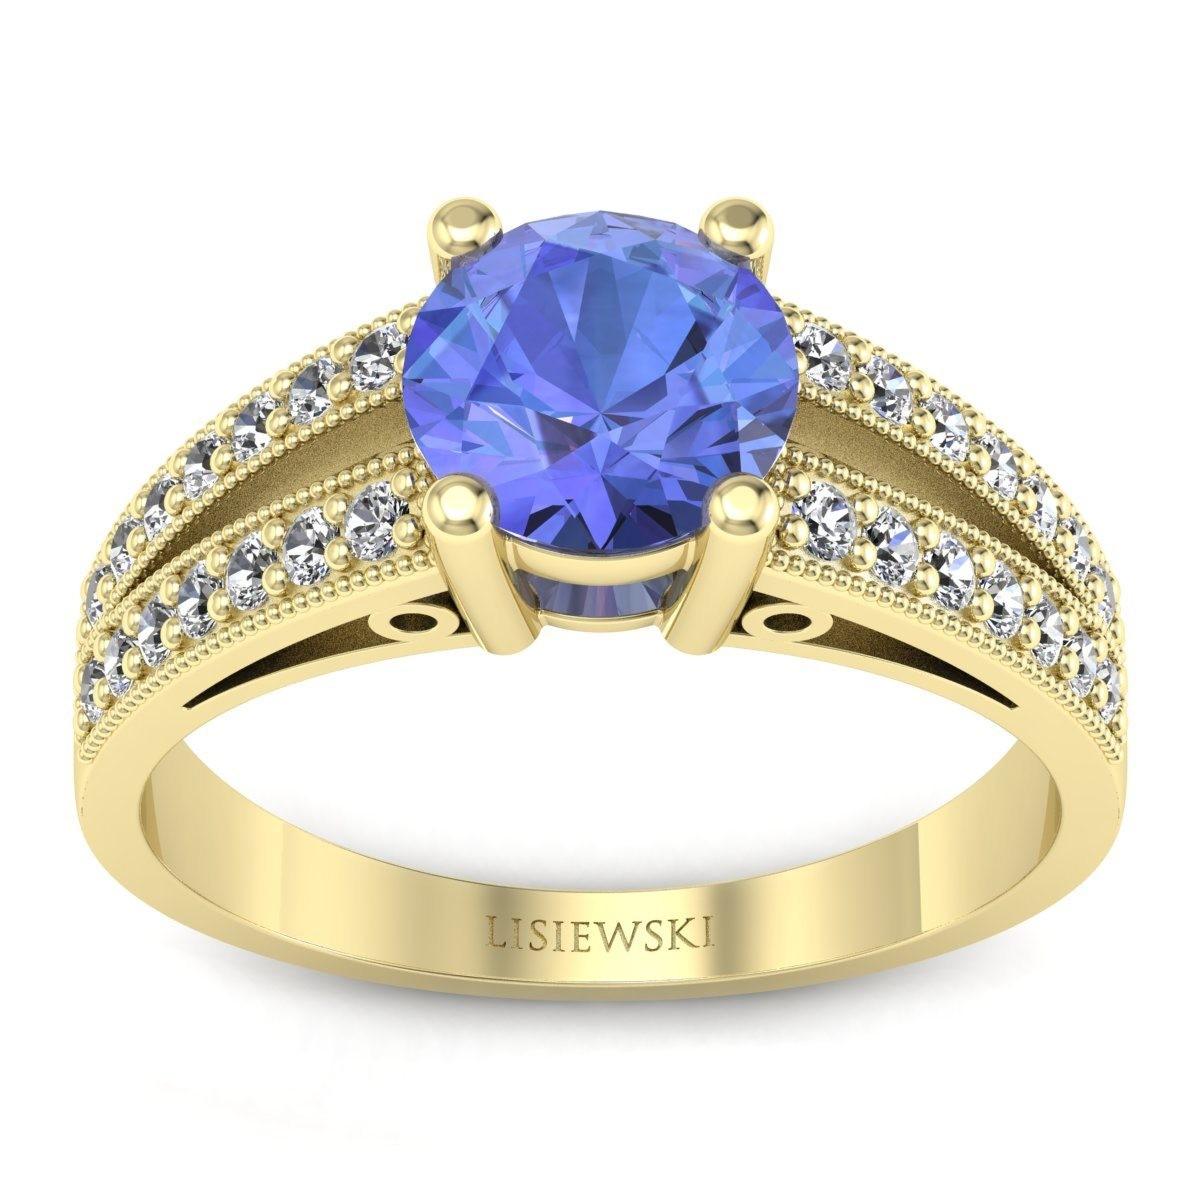 San Marino Złoty pierścionek z tanzanitem i diamentami